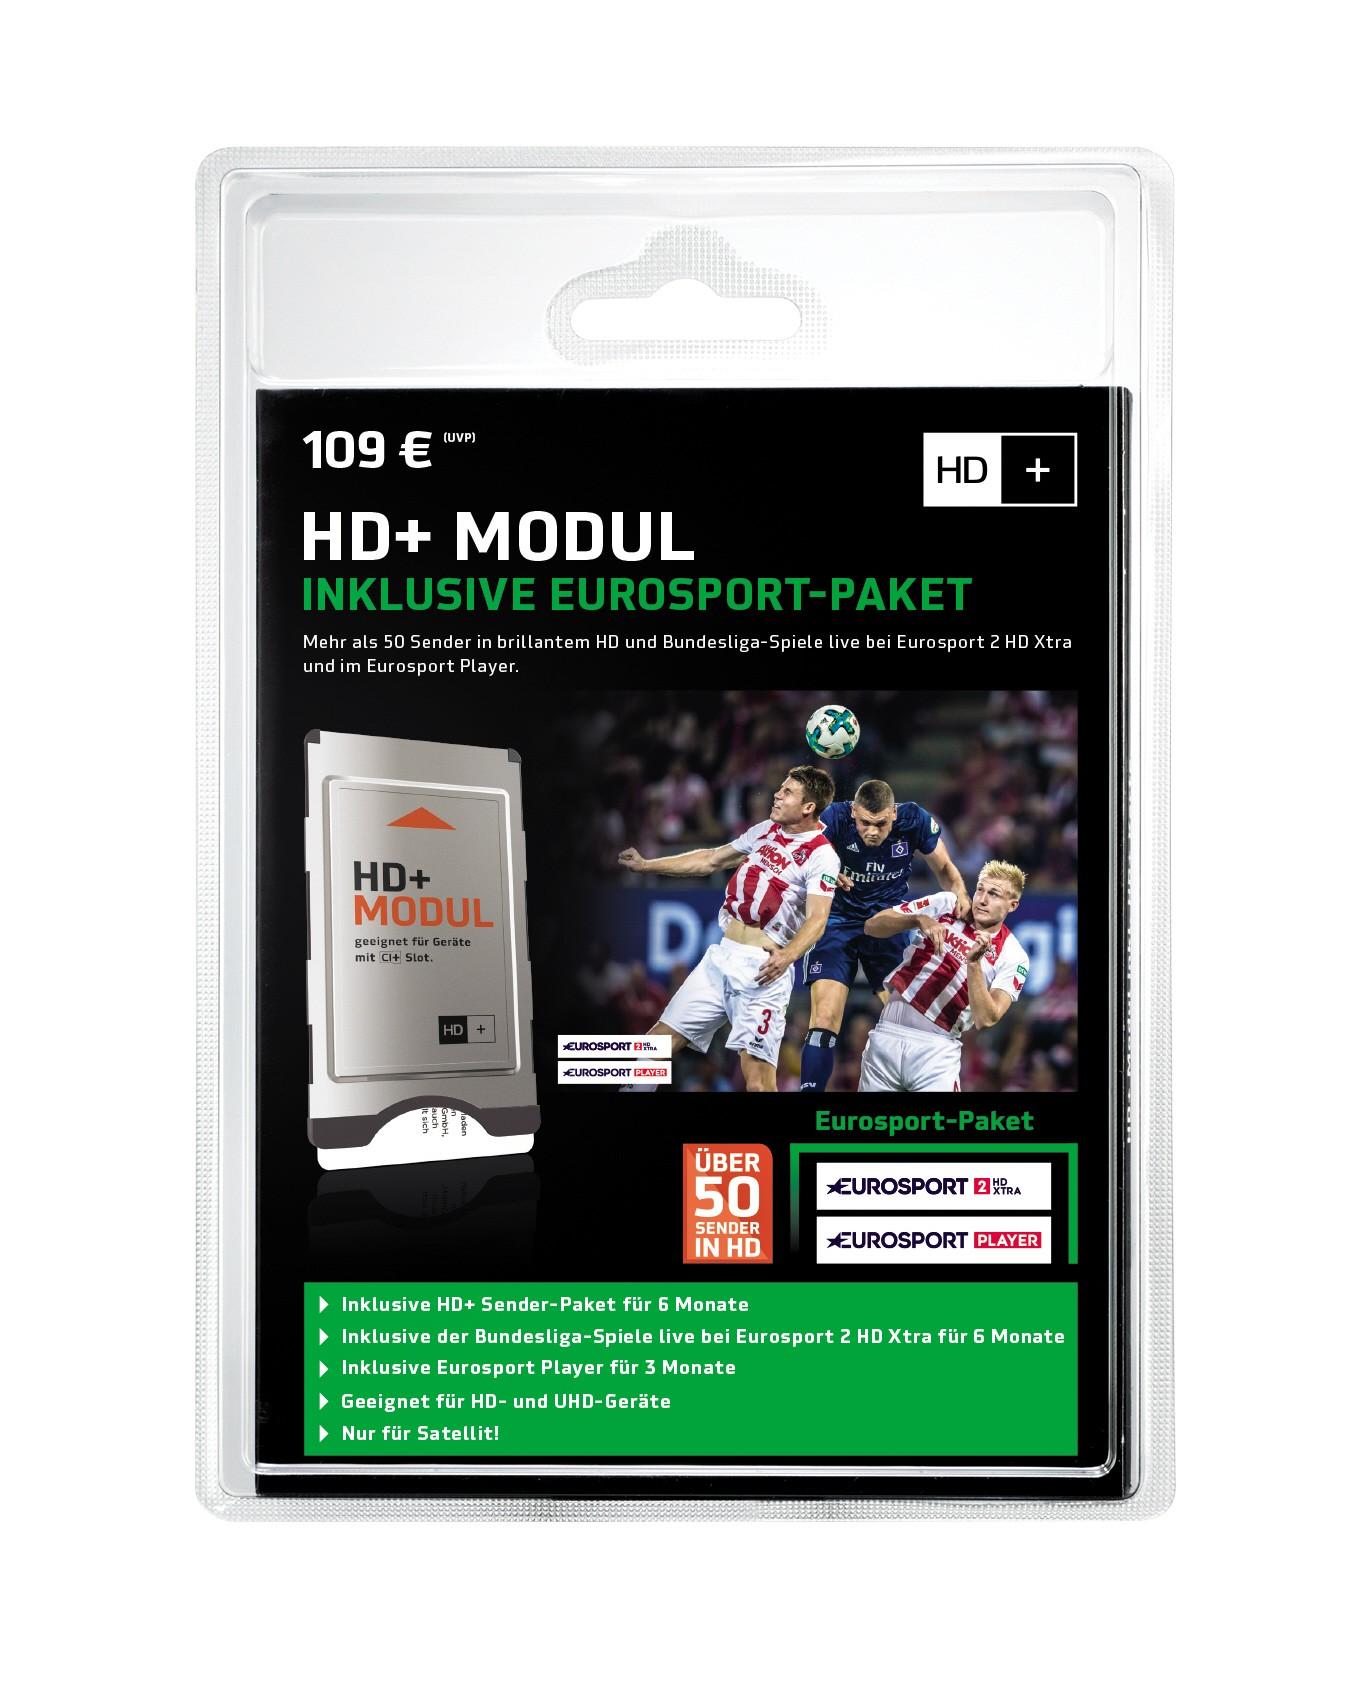 HD+ Modul inkl. HD+ und Eurosport Sender-Paket für 6 Monate (geeignet für Ultra HD)